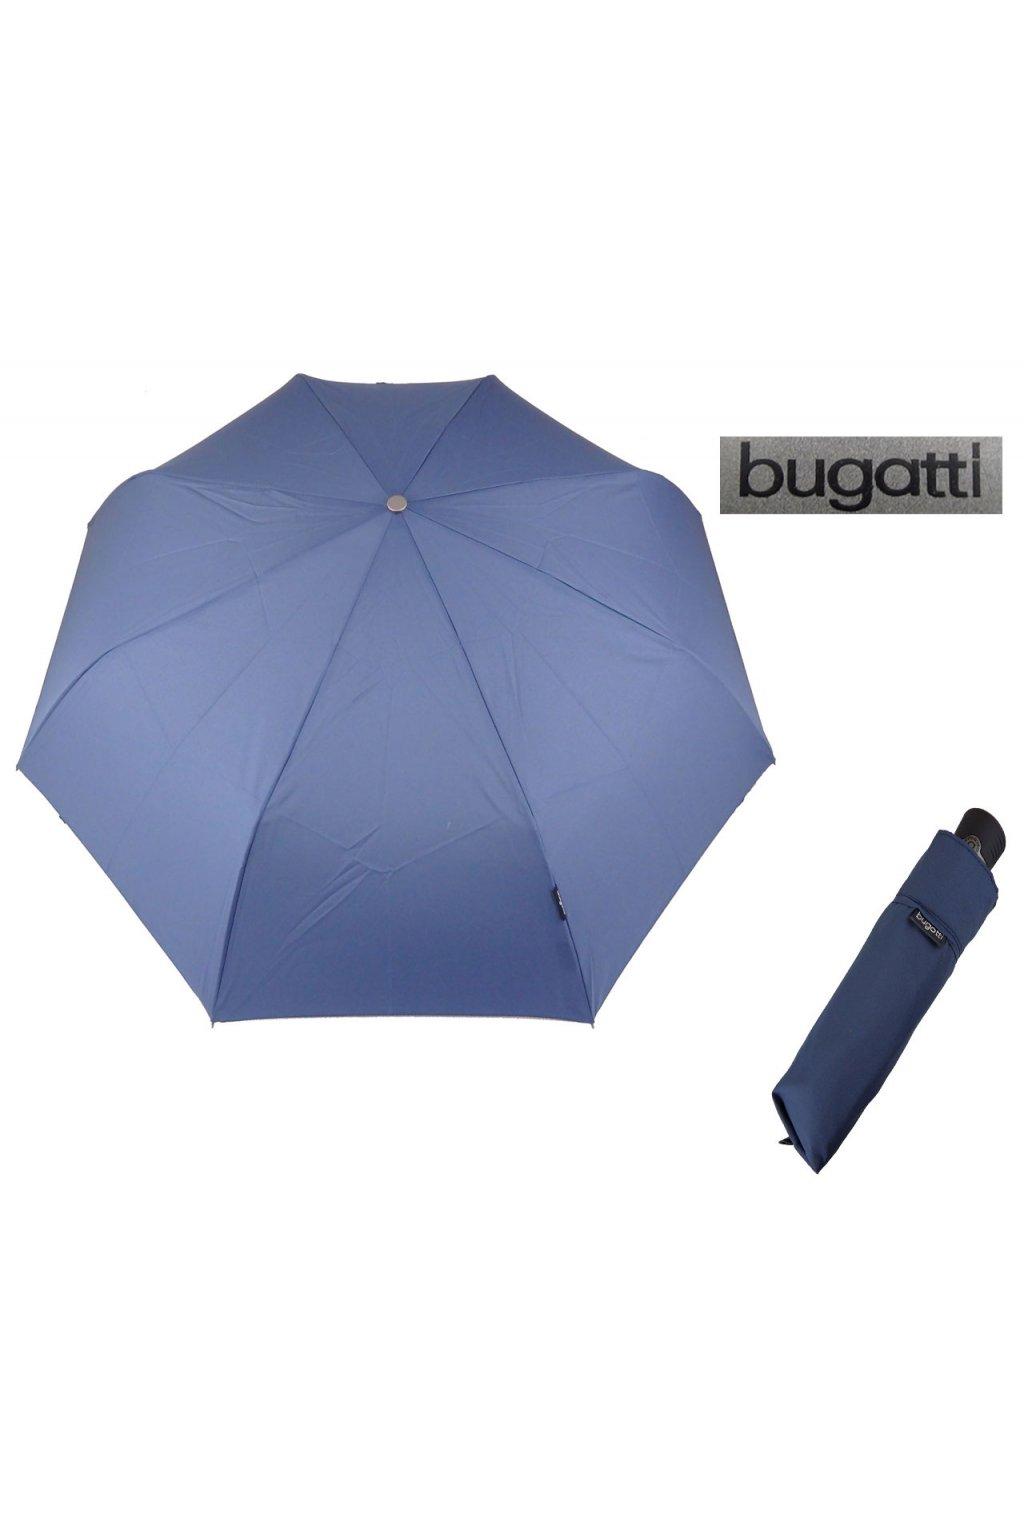 bugatti modrý 7221634BU